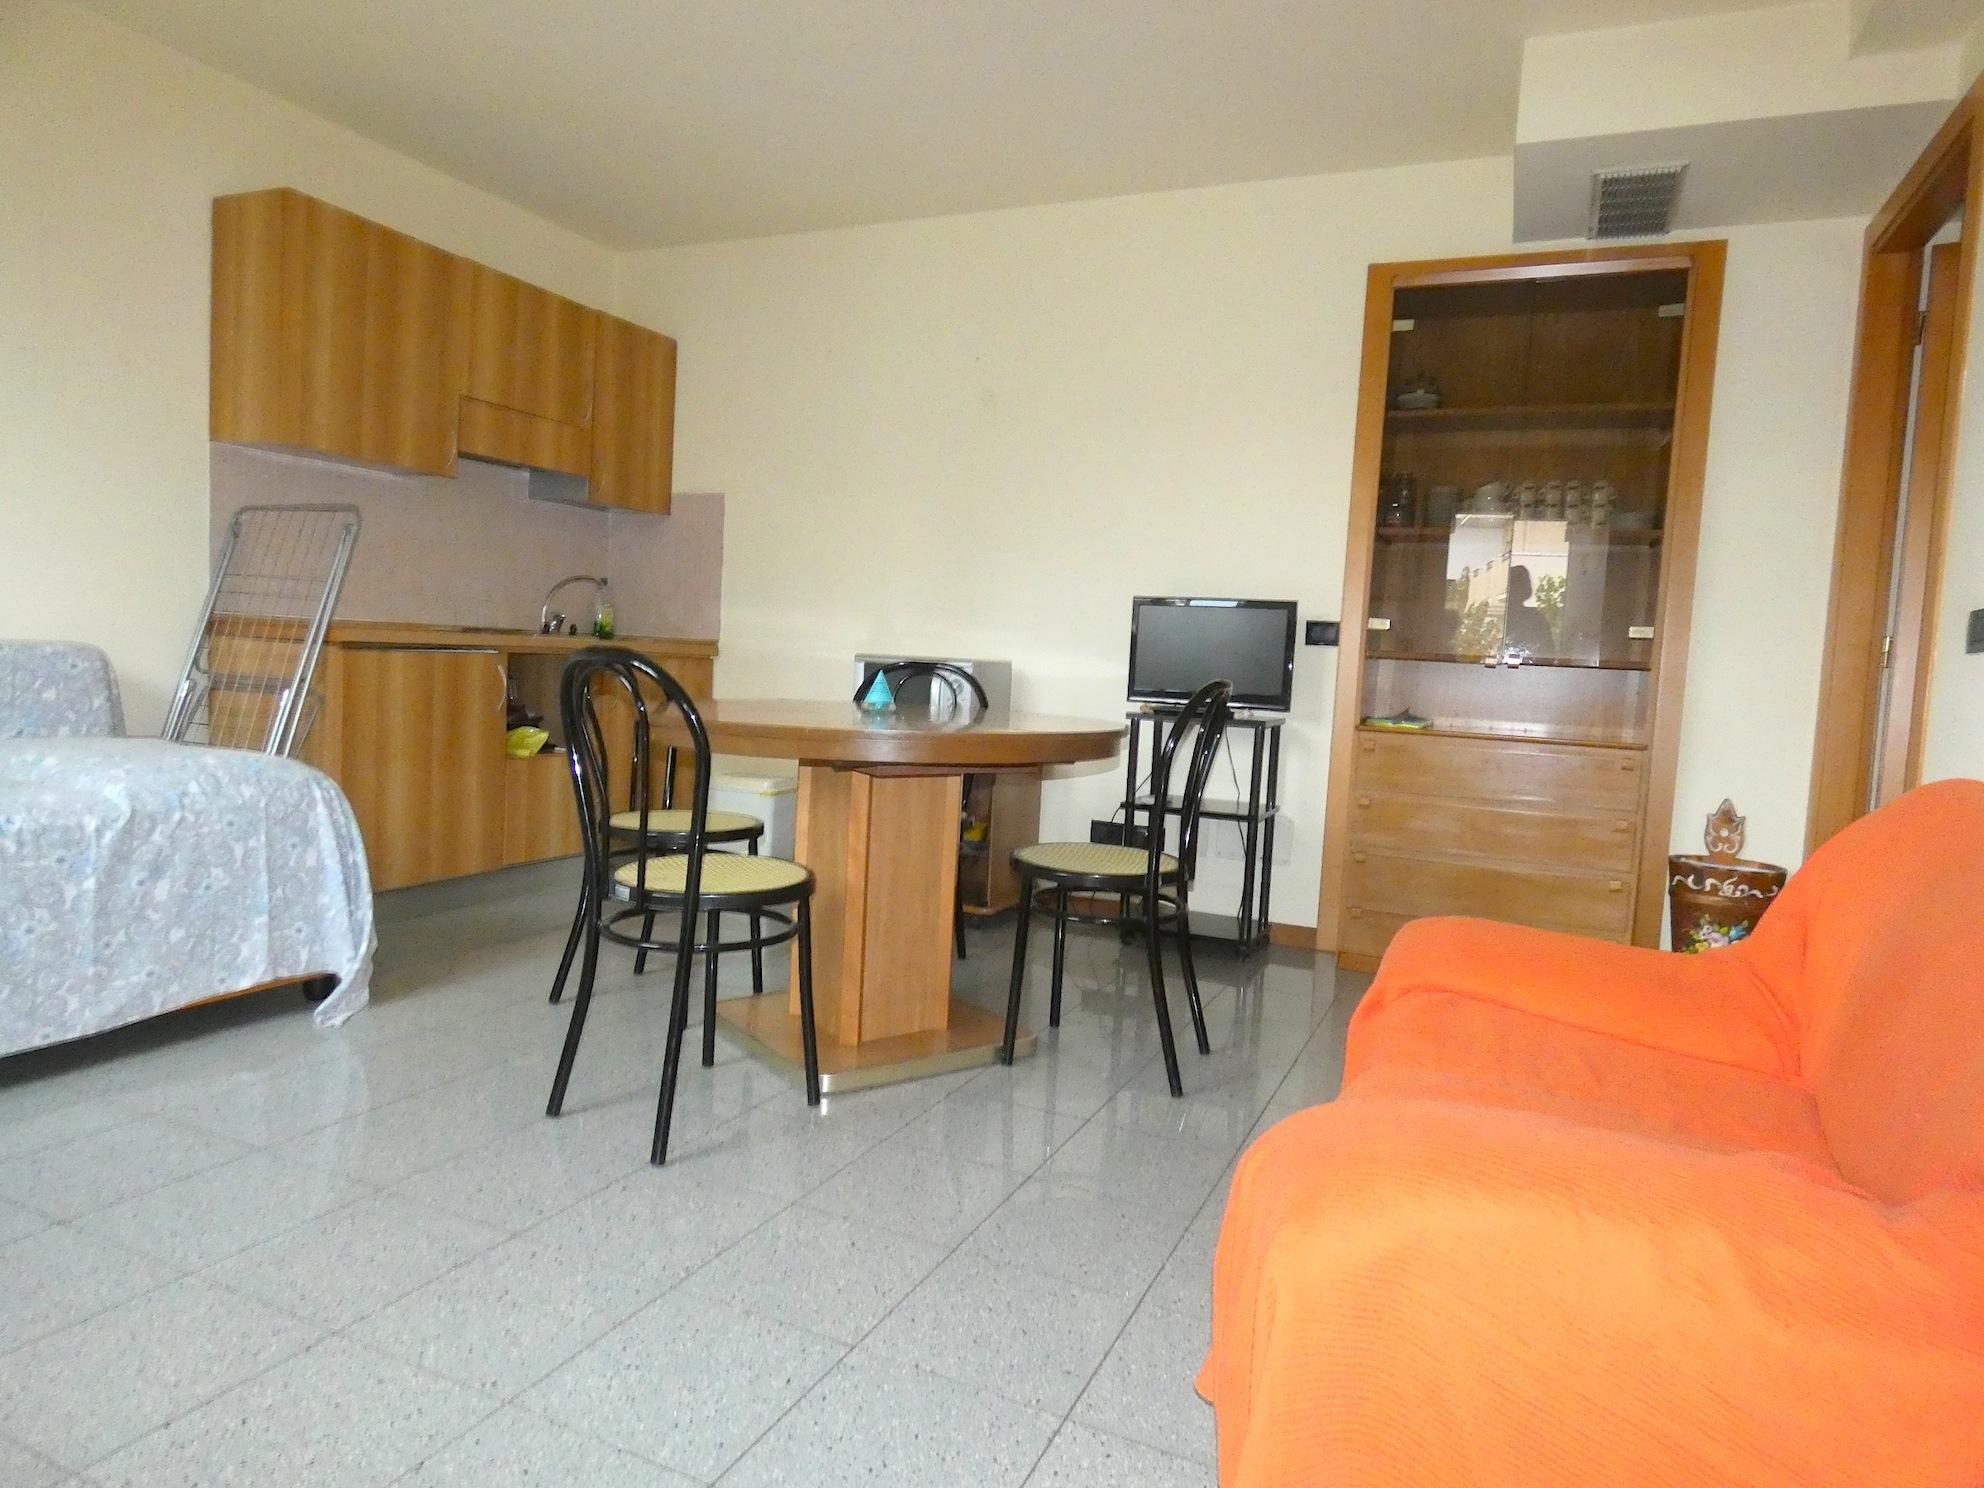 RICCIONE ALBA,  Appartamento bilocale in affitto stagionale o invernale